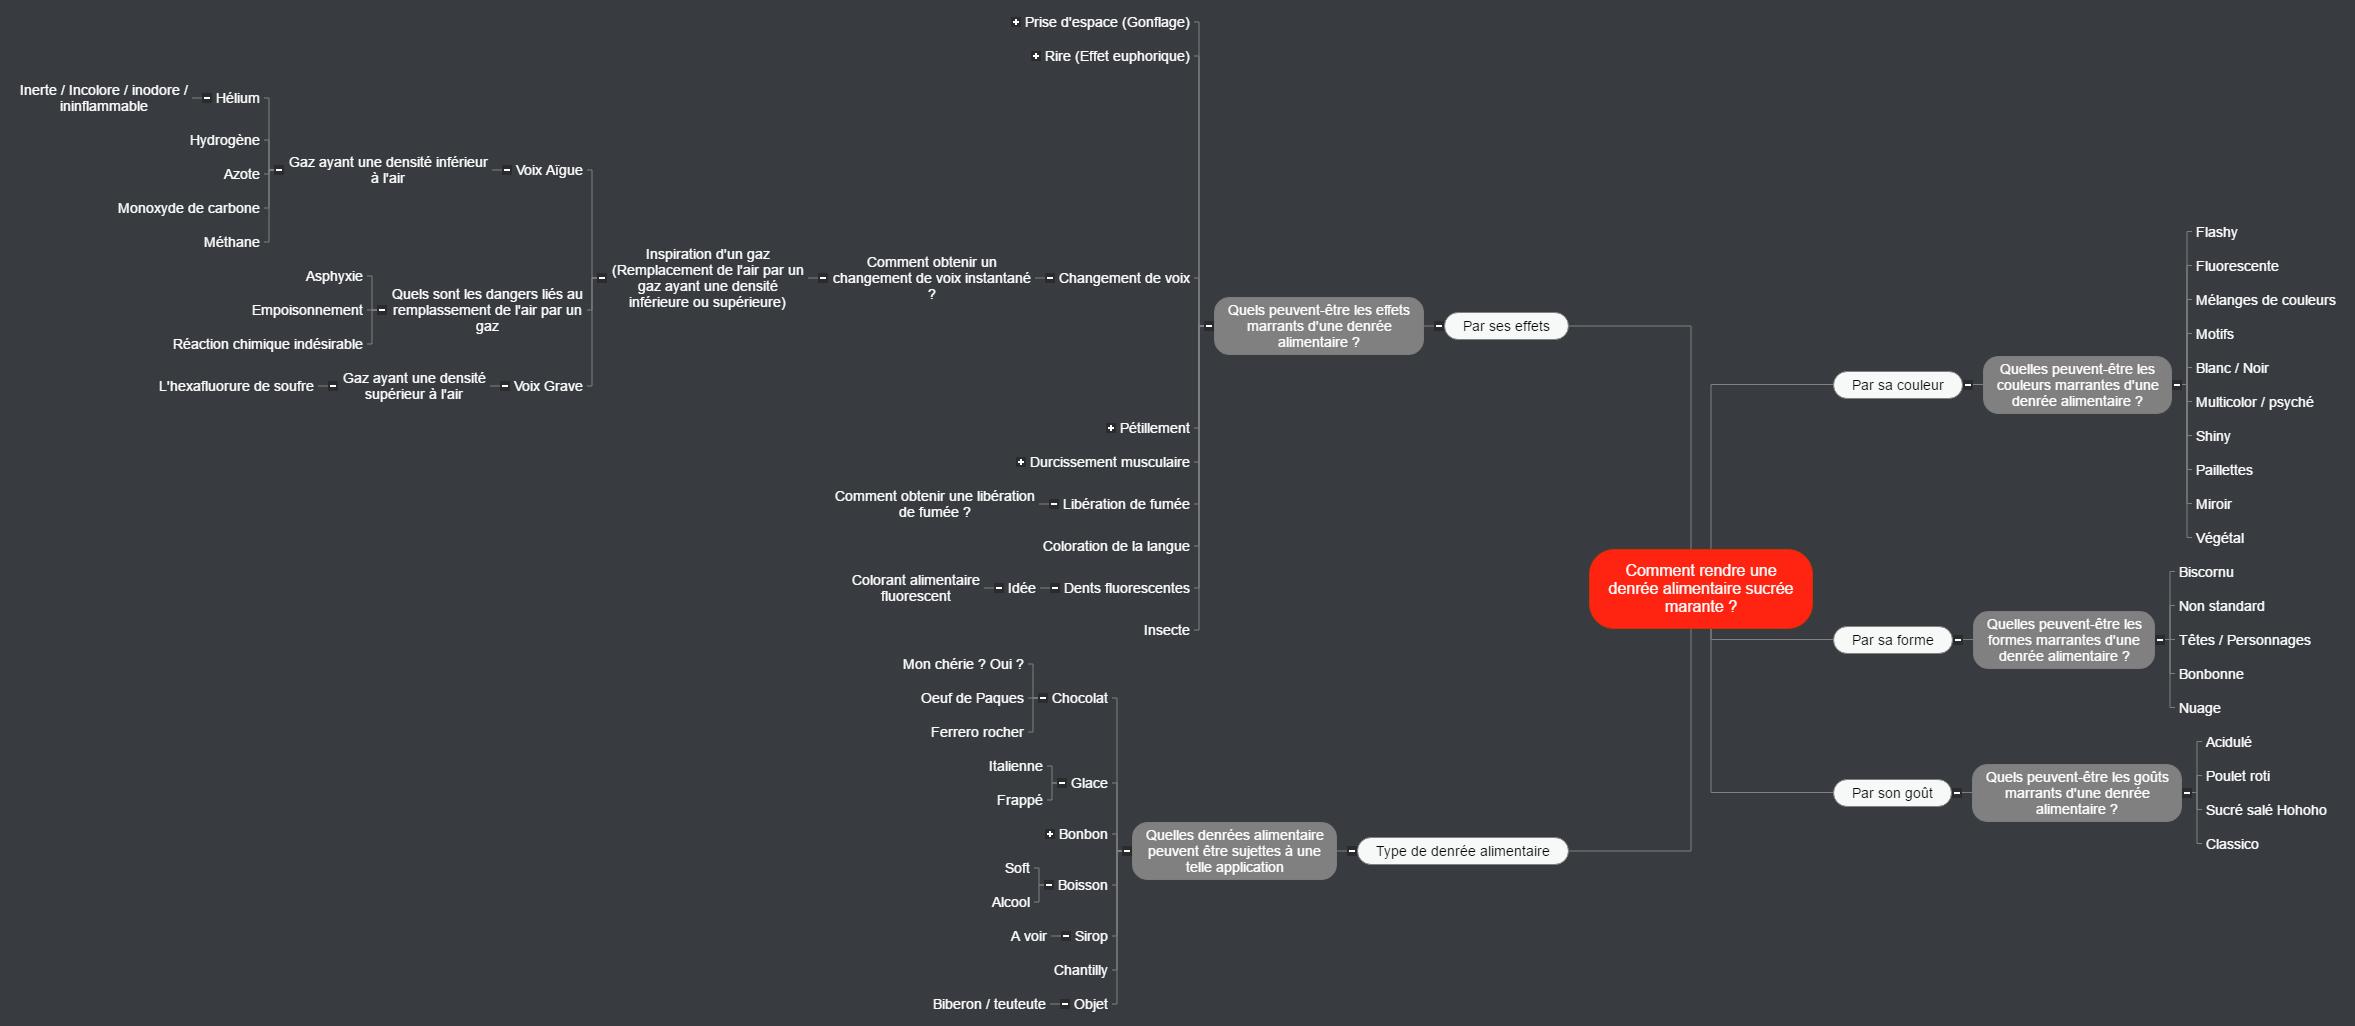 Comment rendre une denrée alimentaire marante _ Mind Map